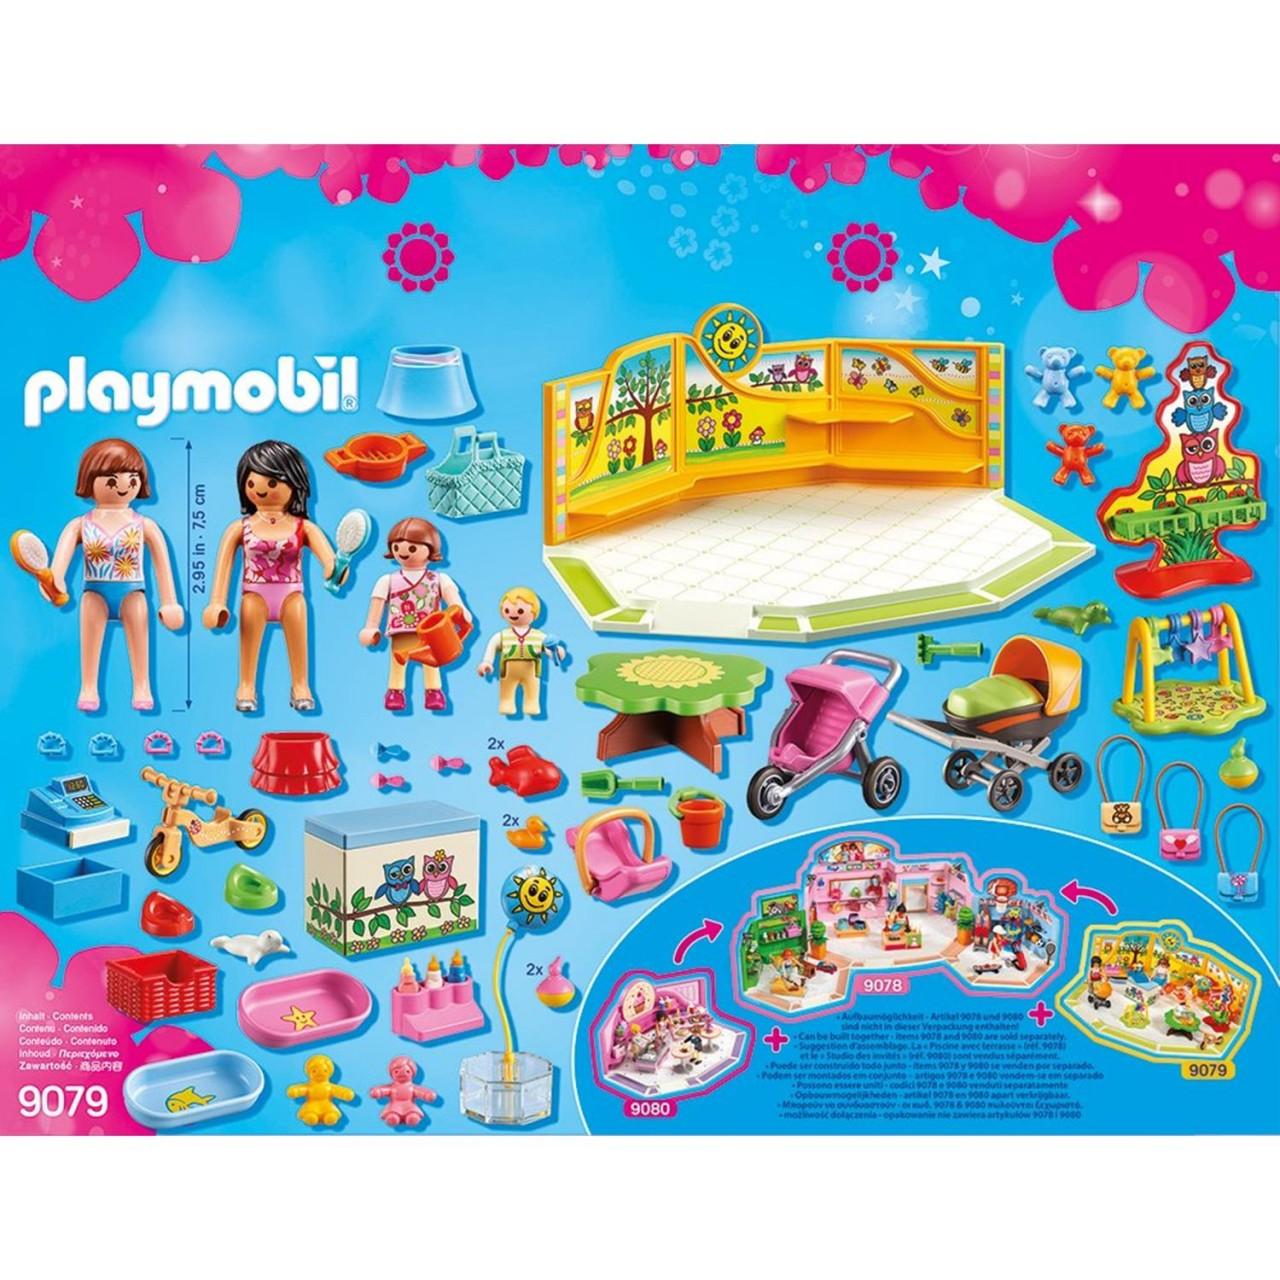 Playmobil 9079 Babyausstatter